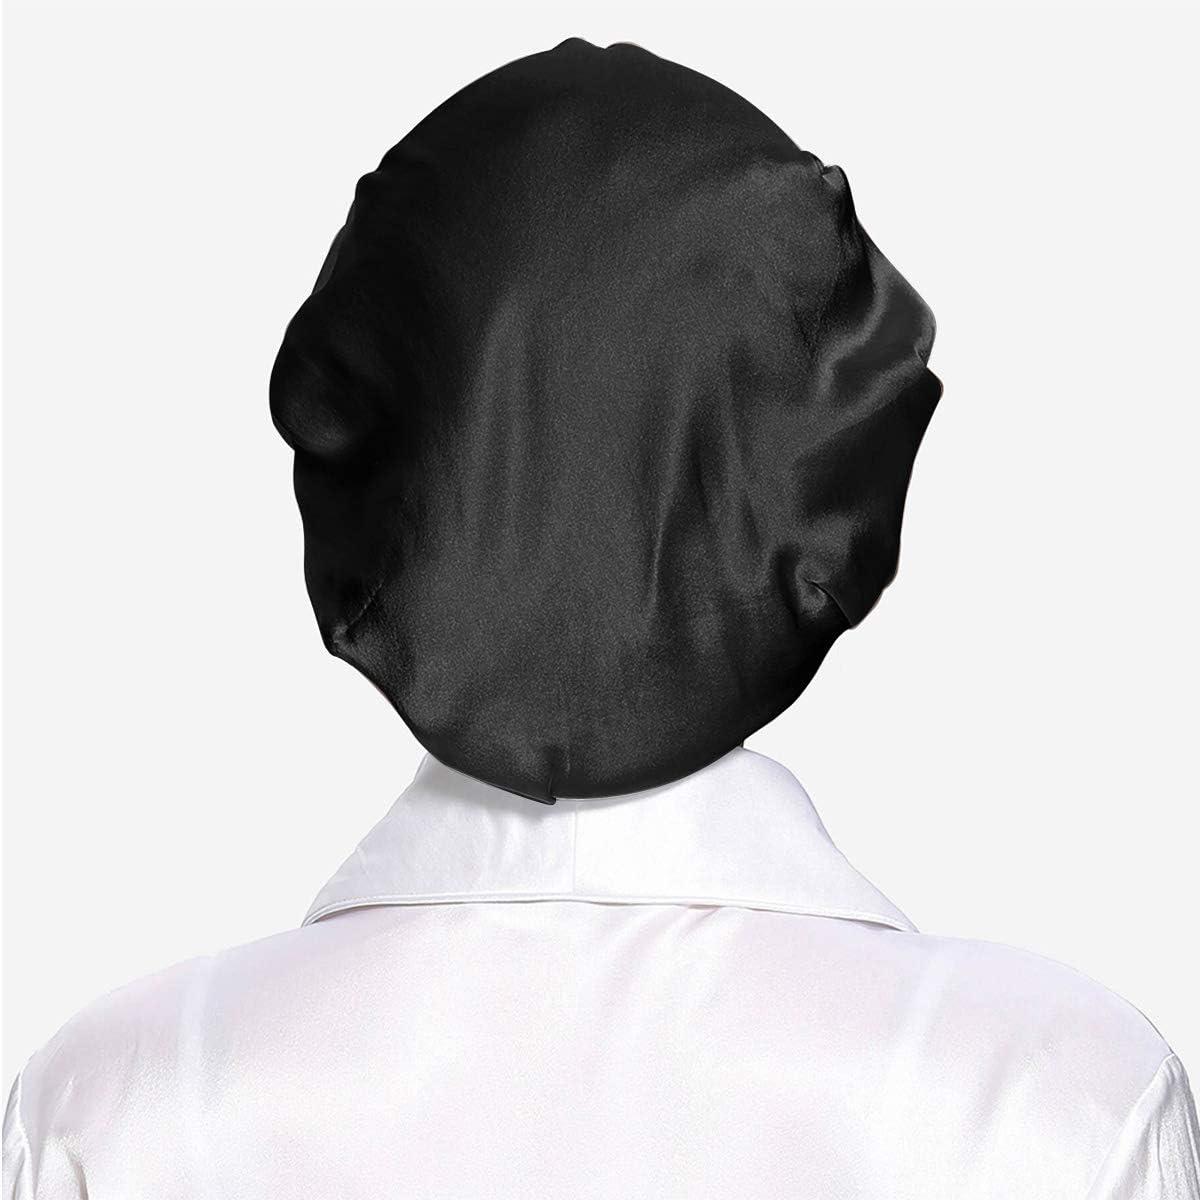 Bonnet en Soie pour Cheveux Nuit Respirant Bonnet de Nuit pour Femmes Filles Bonnet de Sommeil avec Large Bande /élastique 2 Pi/èces Bonnet de Couchage en Satin